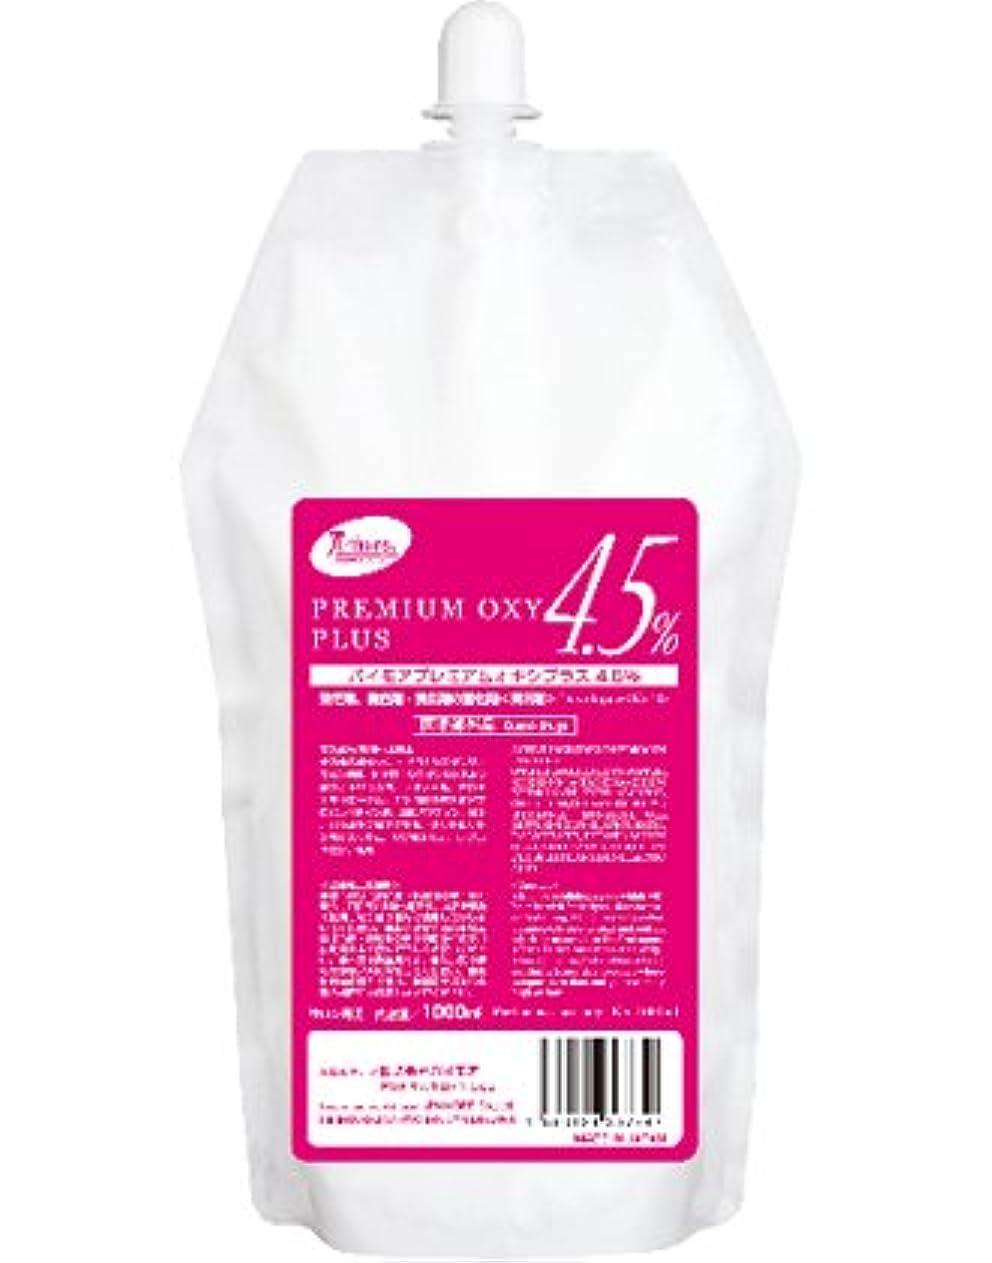 ホバートふさわしい仲人パイモア プレミアムオキシプラス 4.5%(パウチタイプ) 1000ml [医薬部外品]